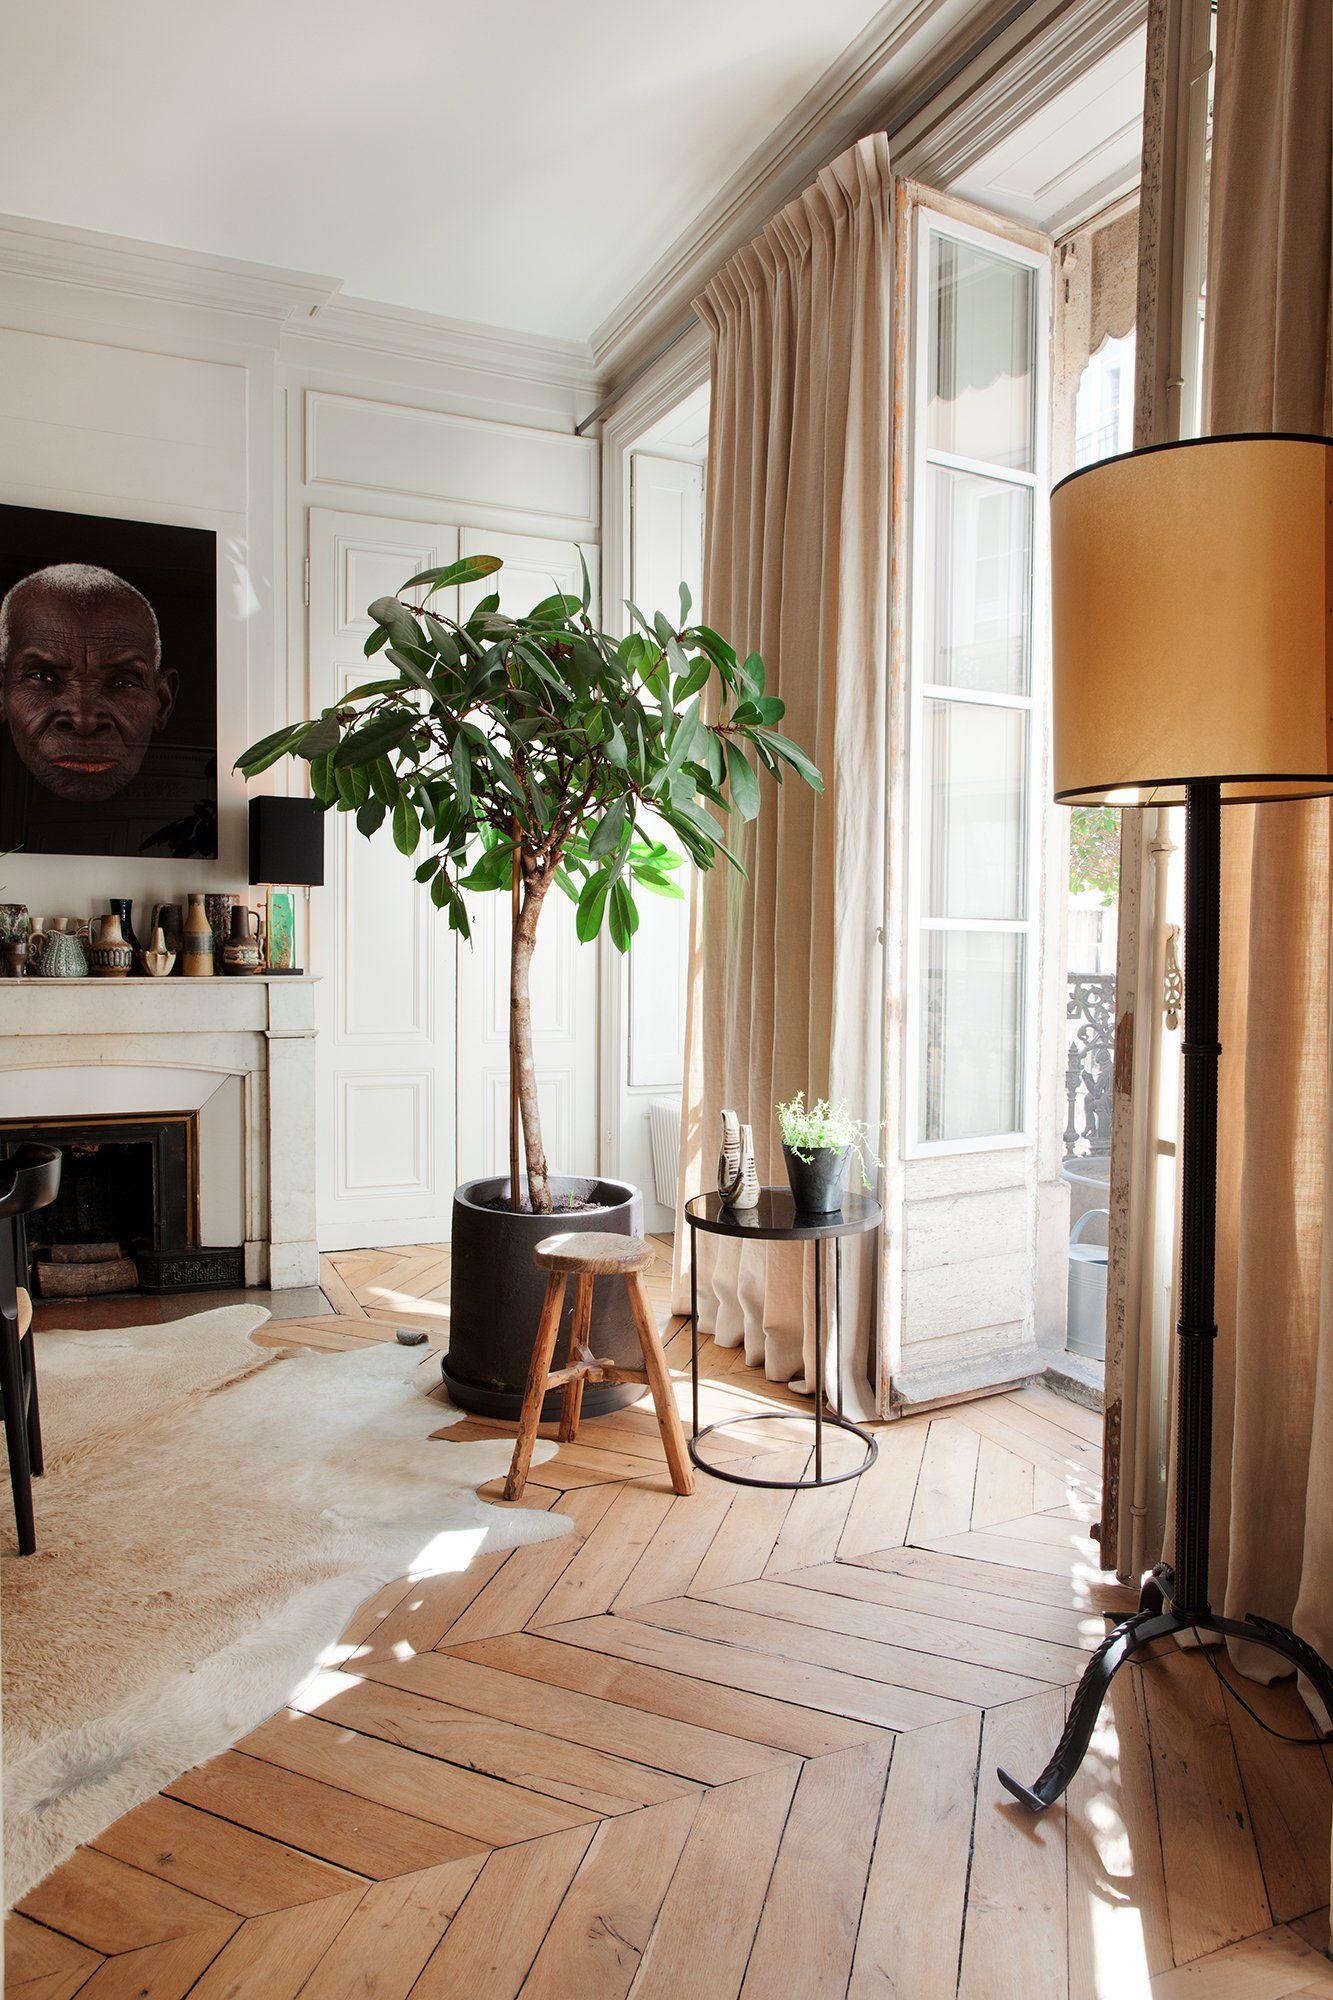 maison hand entre artisanat et modernisme maison hand emmanuel martin et decocrush. Black Bedroom Furniture Sets. Home Design Ideas